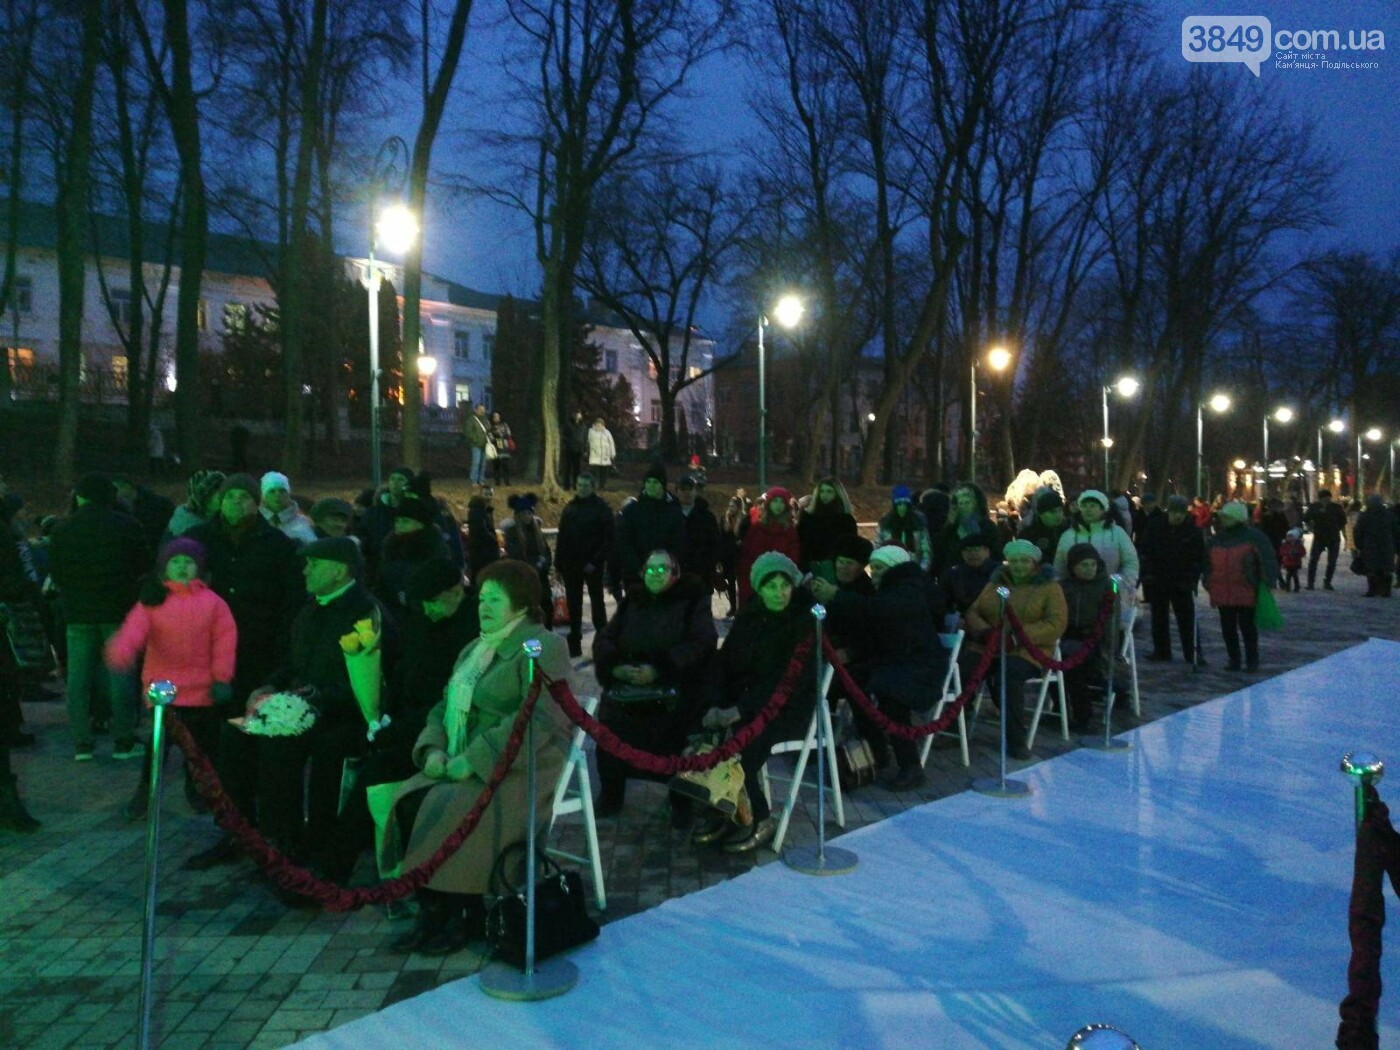 """У Кам'янці-Подільському провели церемонію одруження """"Золоте весілля"""", фото-8"""